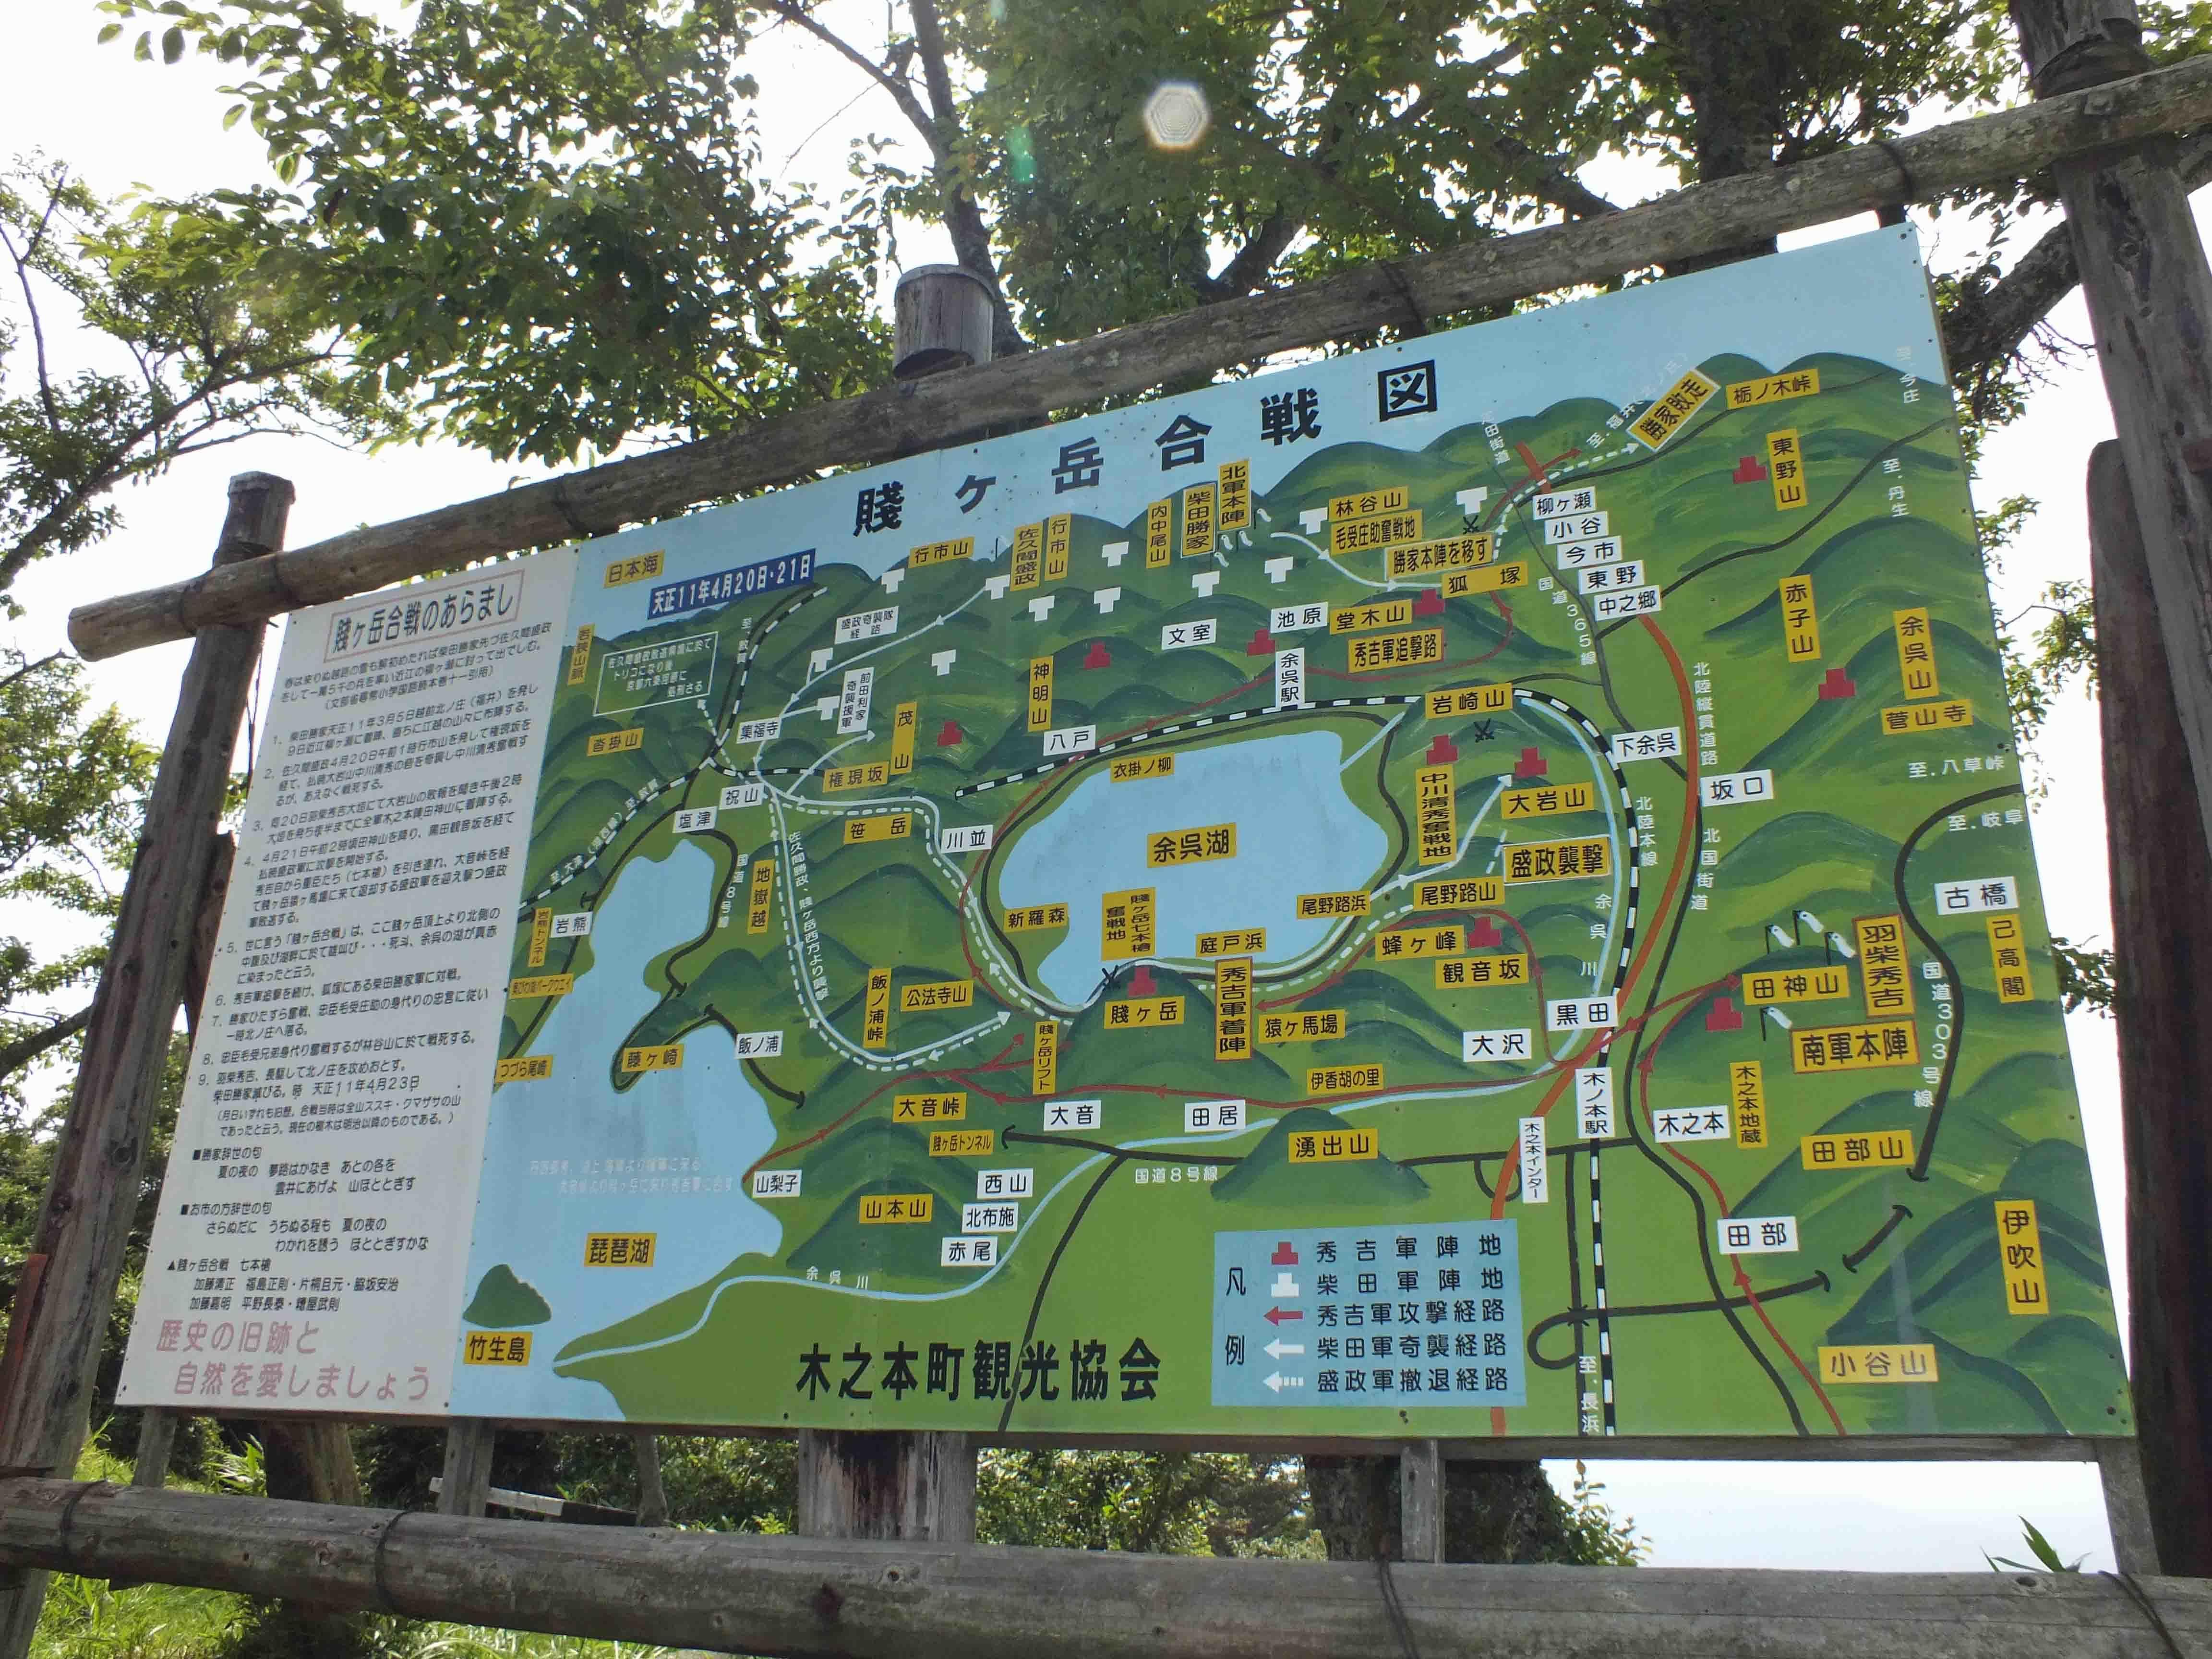 DSCF3198賤ケ岳合戦図